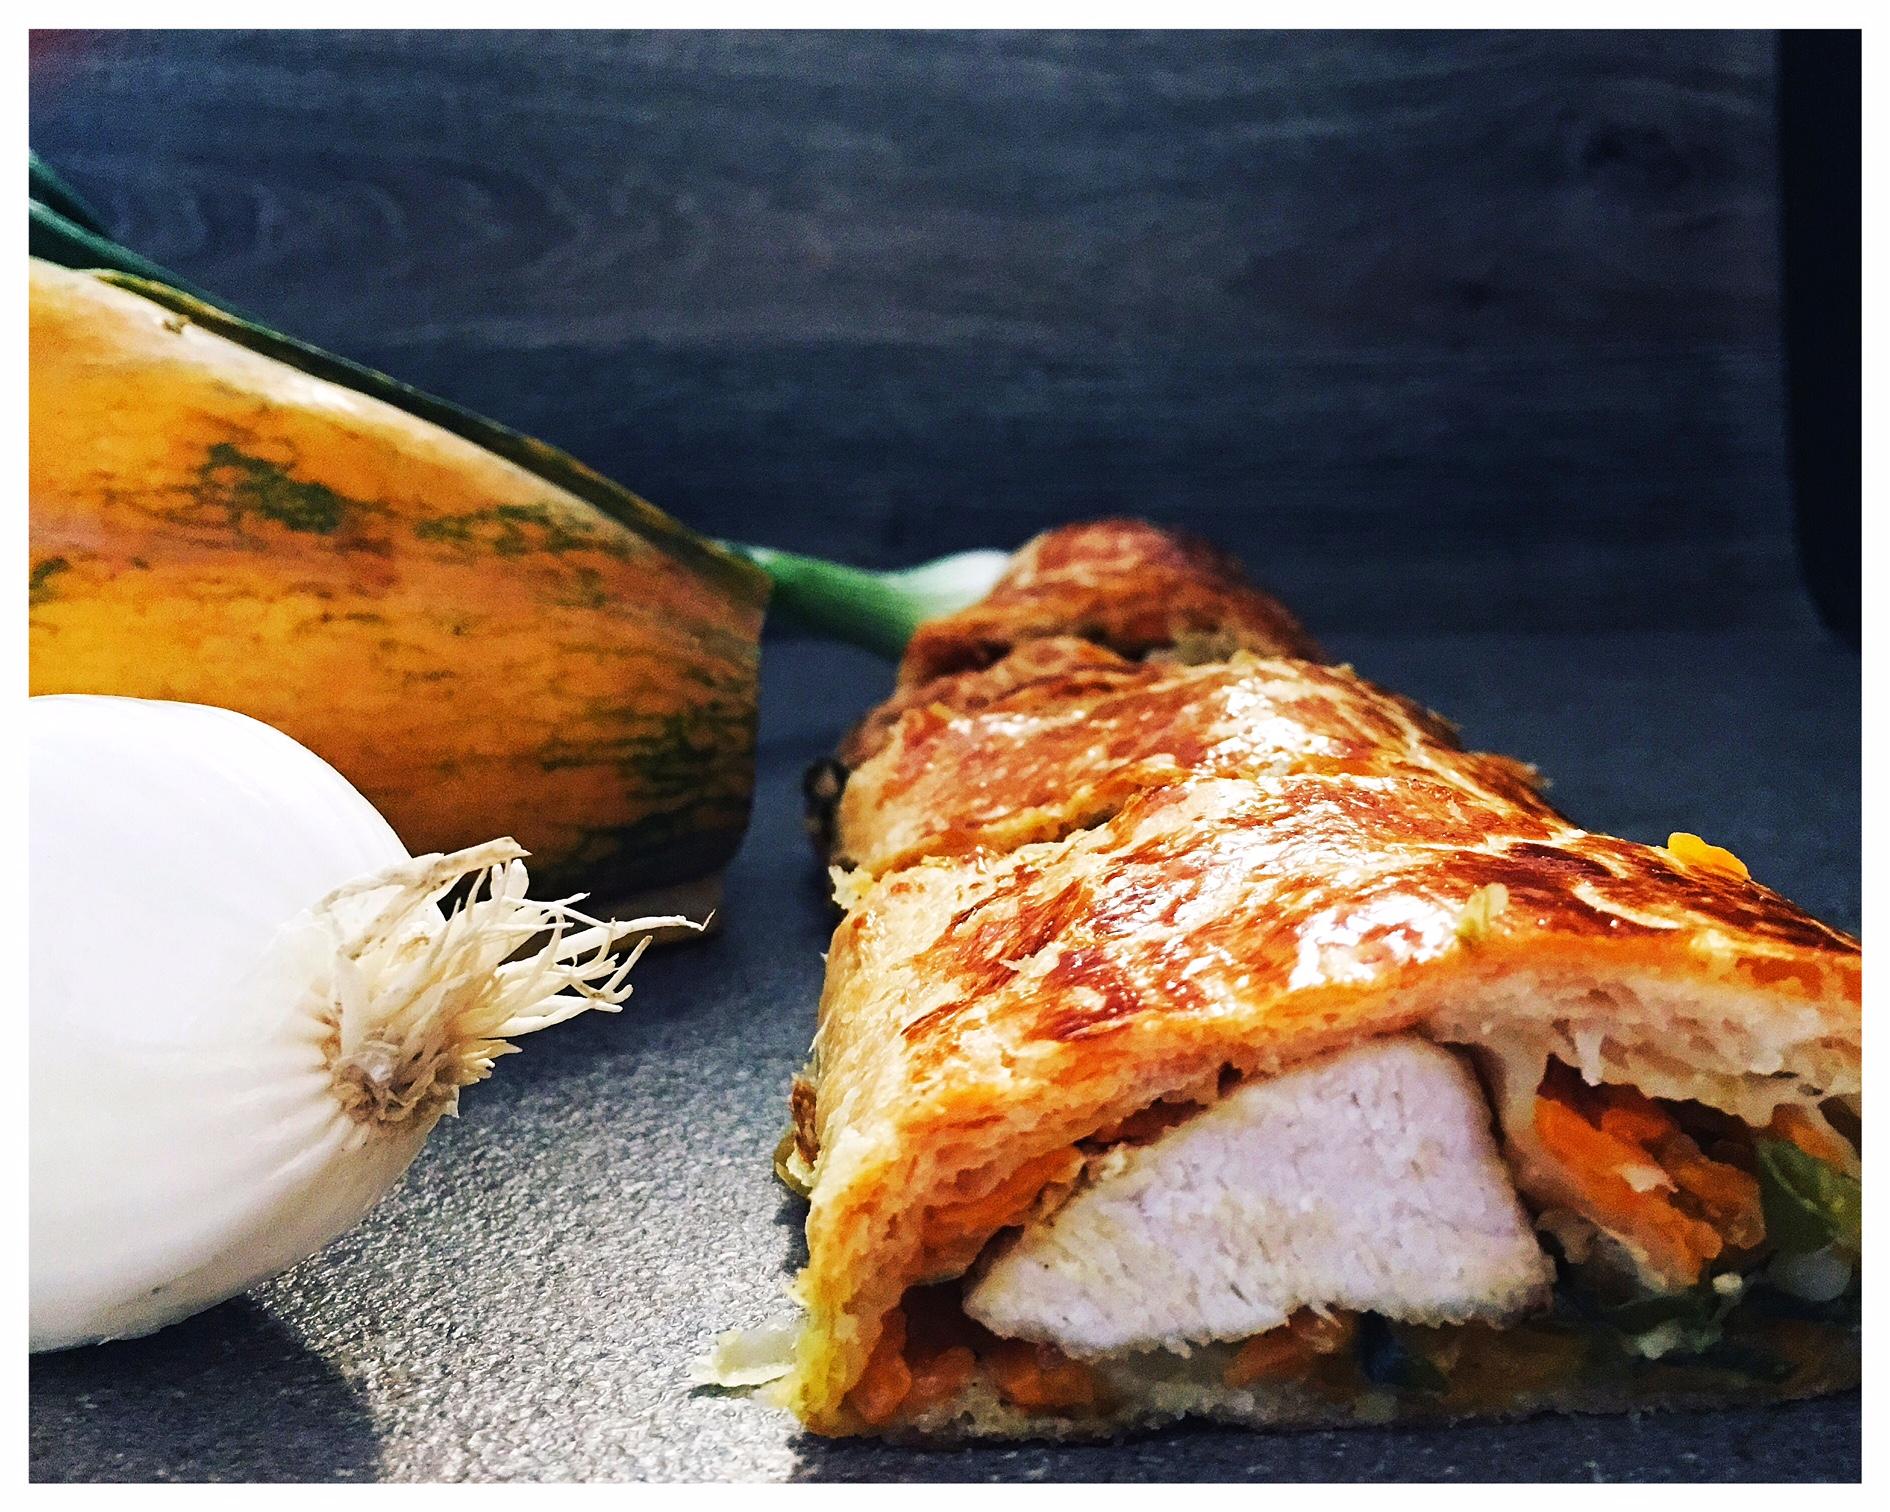 Kürbis, Rolle, Herbst, foodwerk.ch, Schweizer Foodblog, Fooblogs,